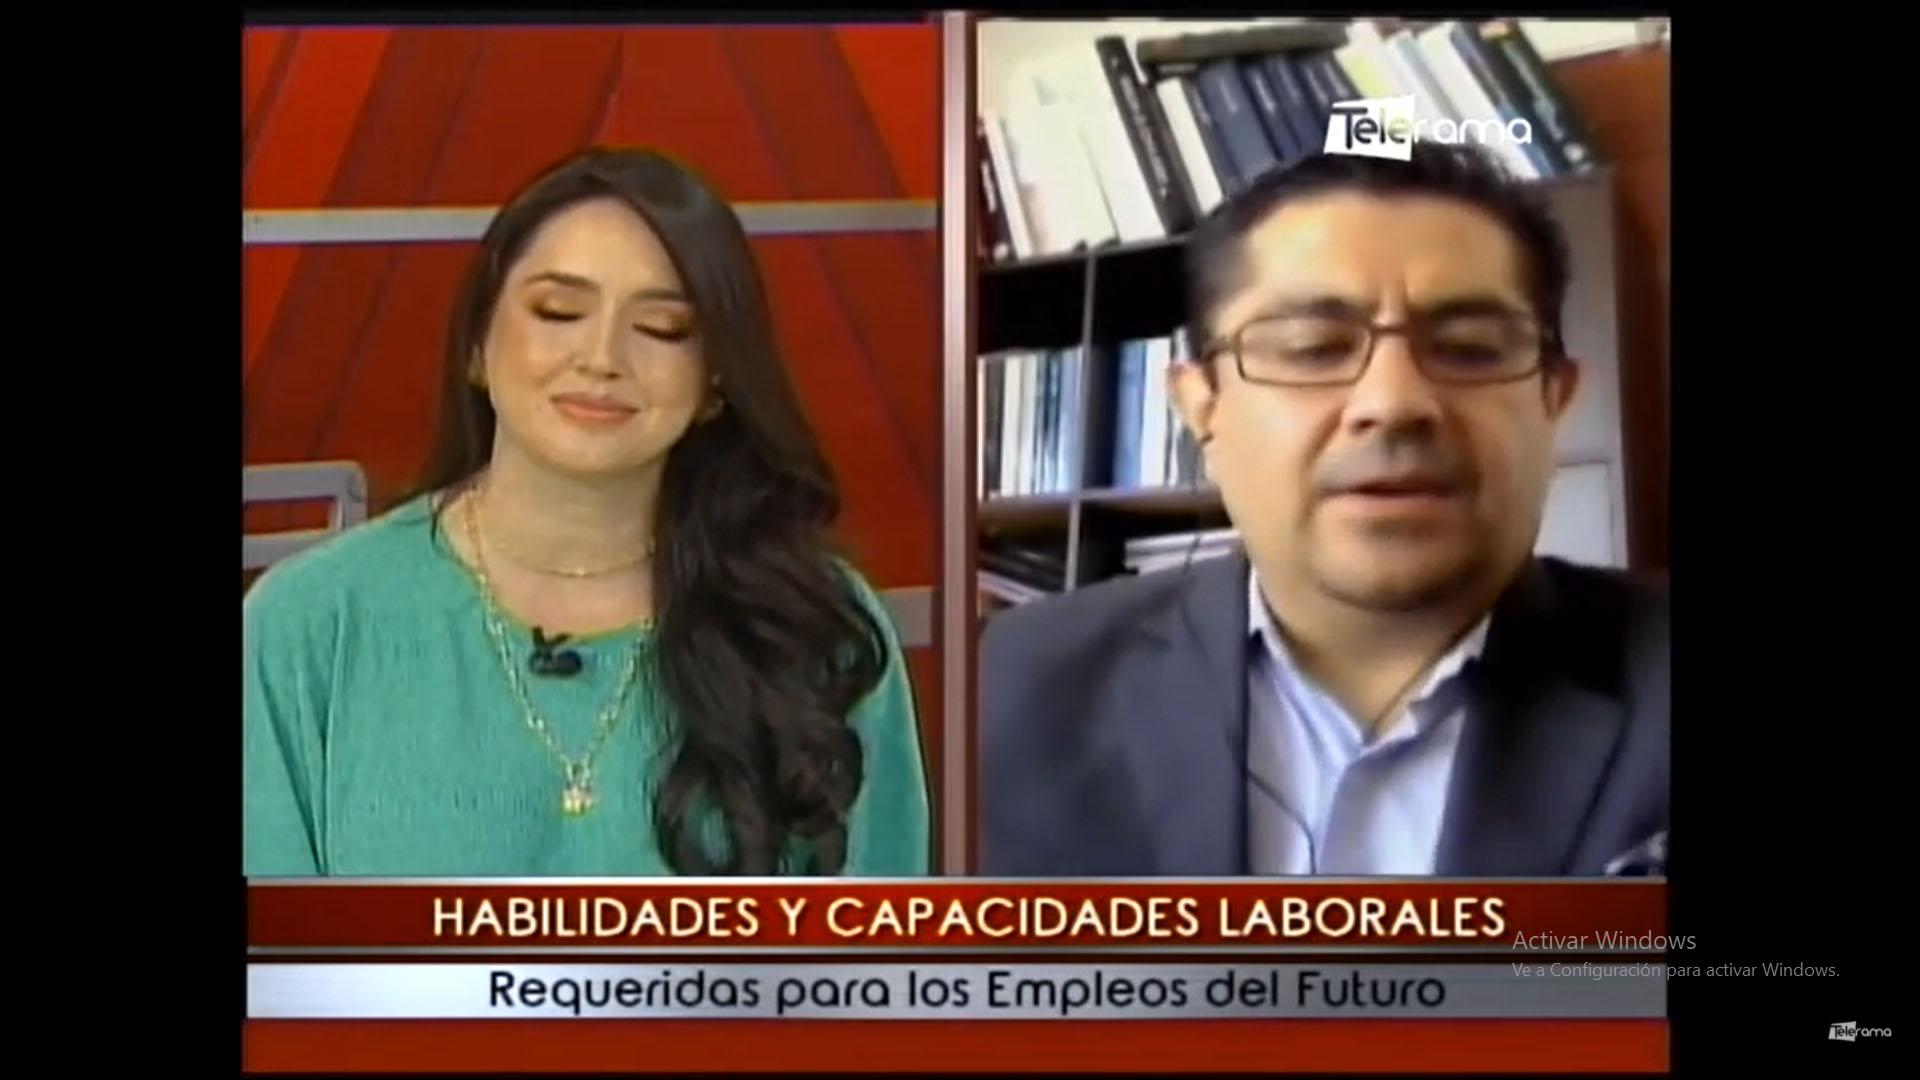 Habilidades y capacidades laborales requeridas para los empleos del futuro